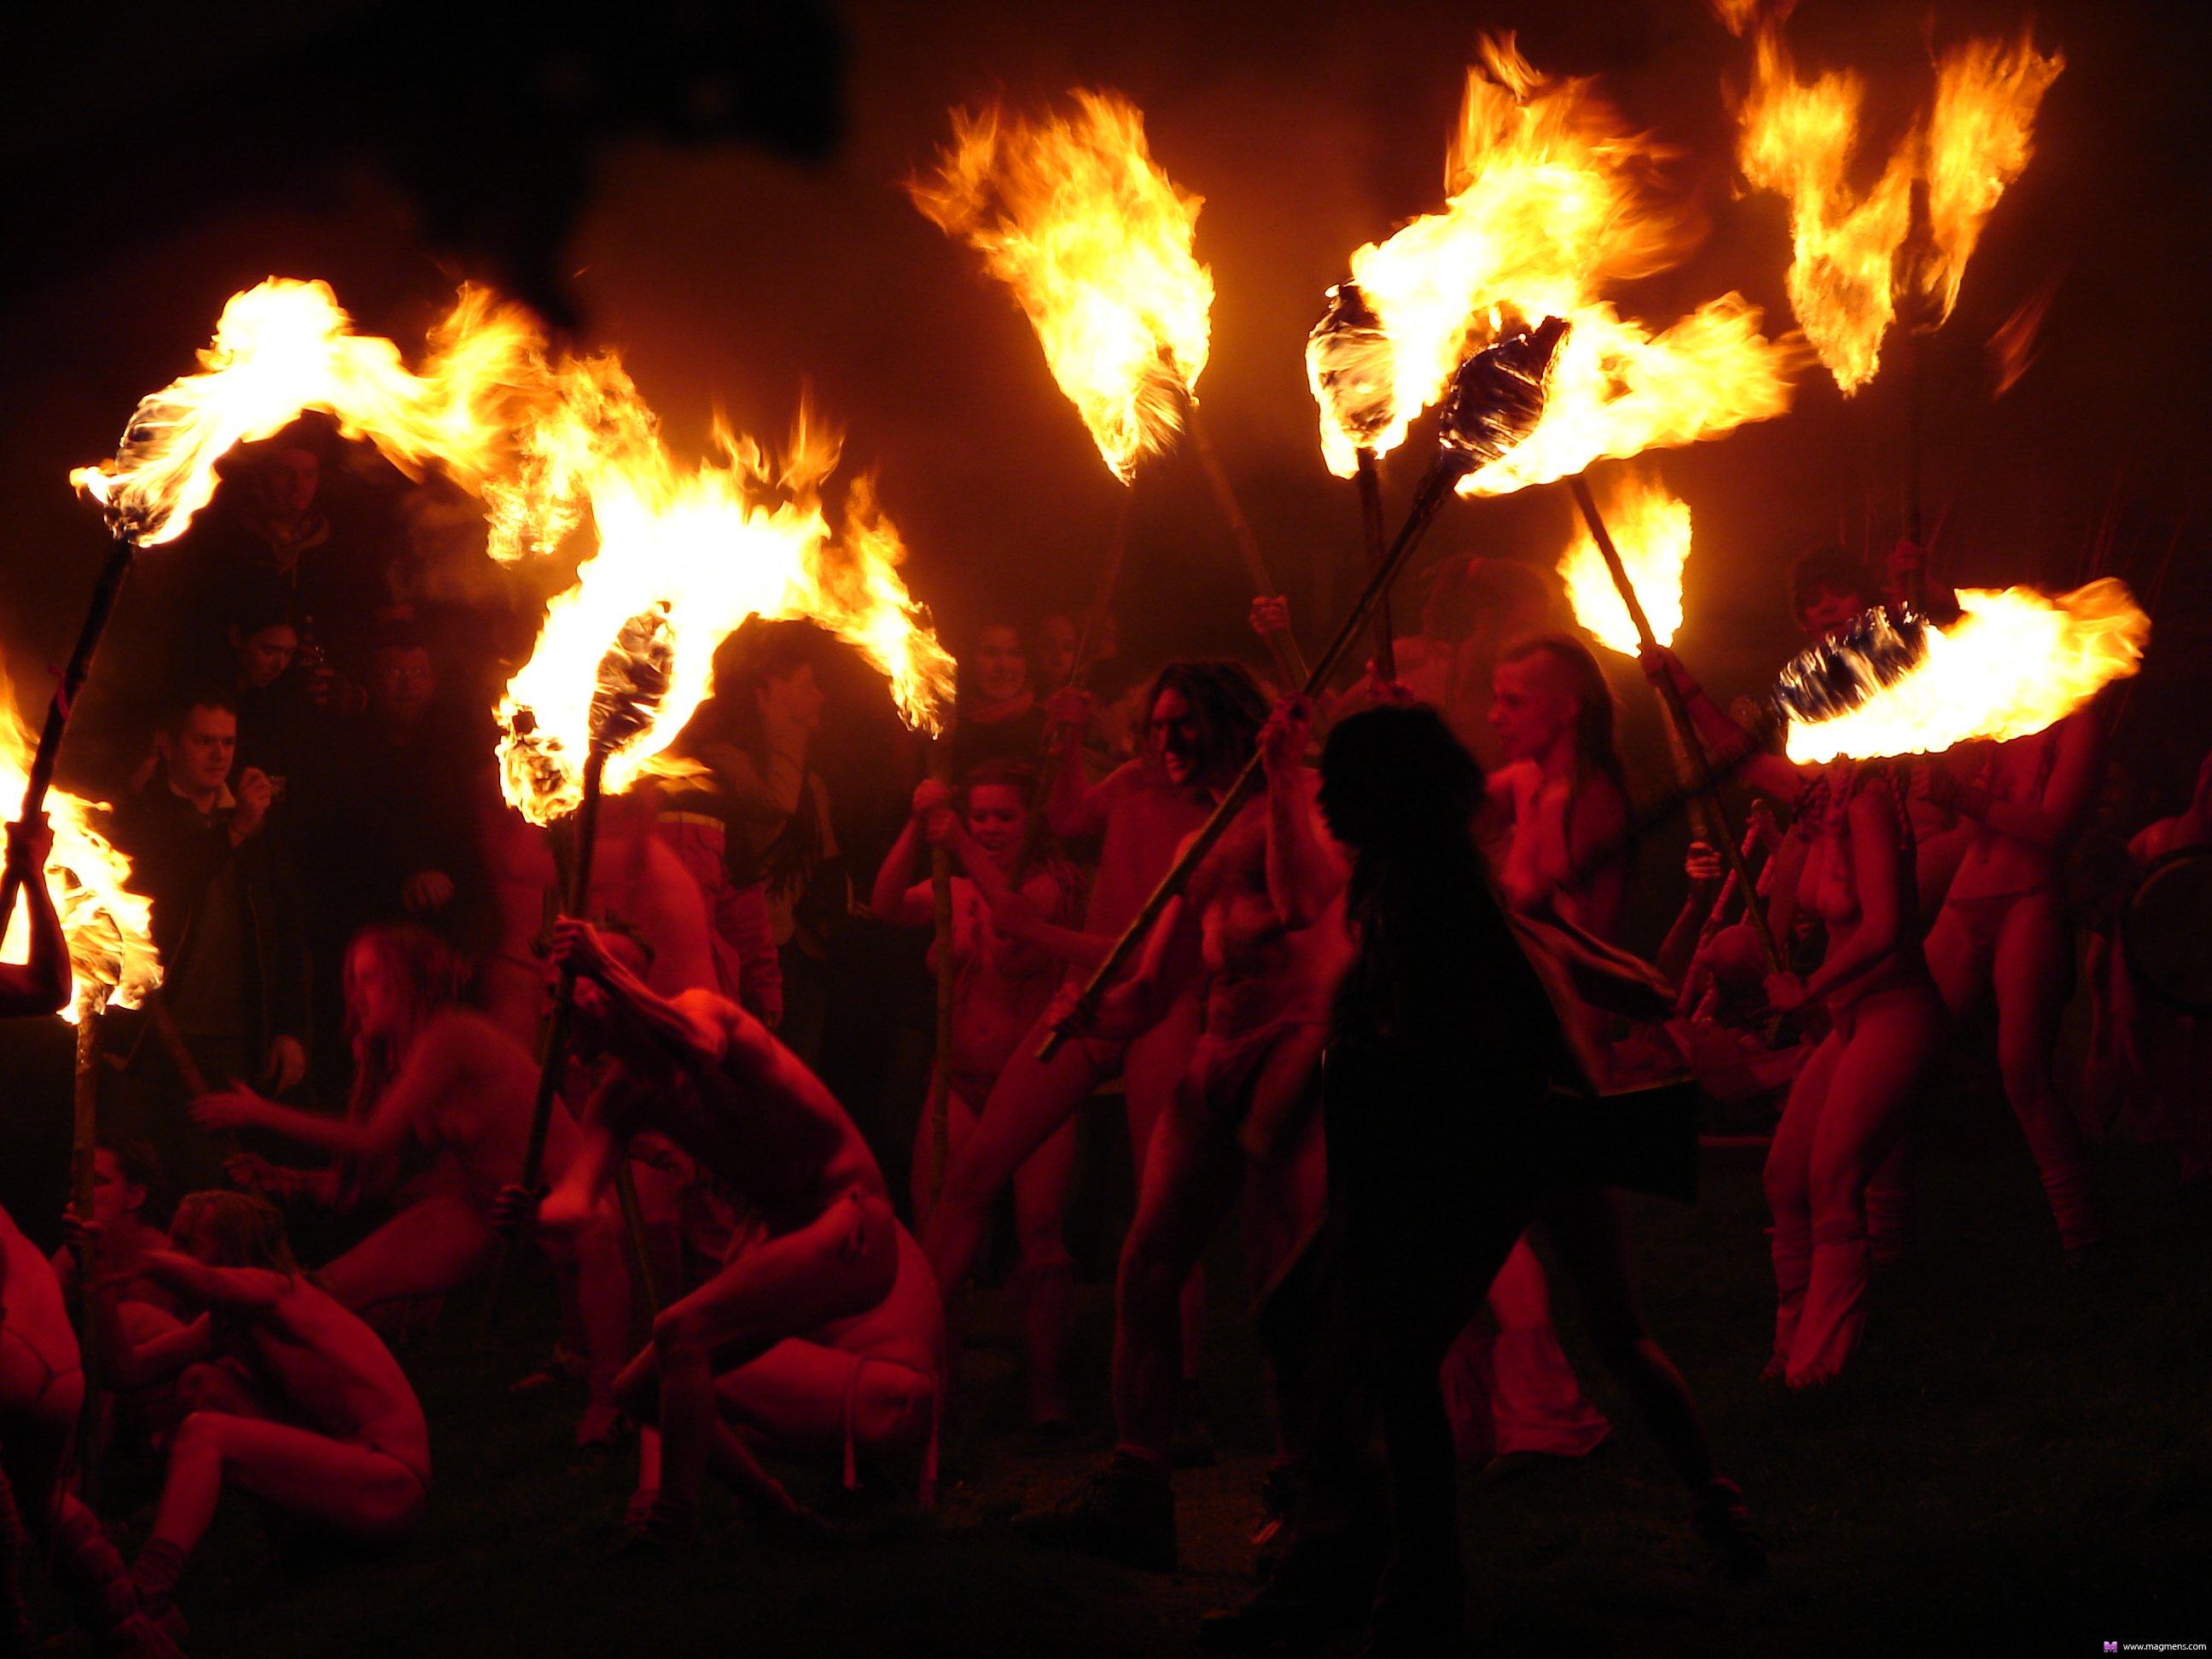 сам вальпургиева ночь сгорела в огне онлайн рыжеволосый парень